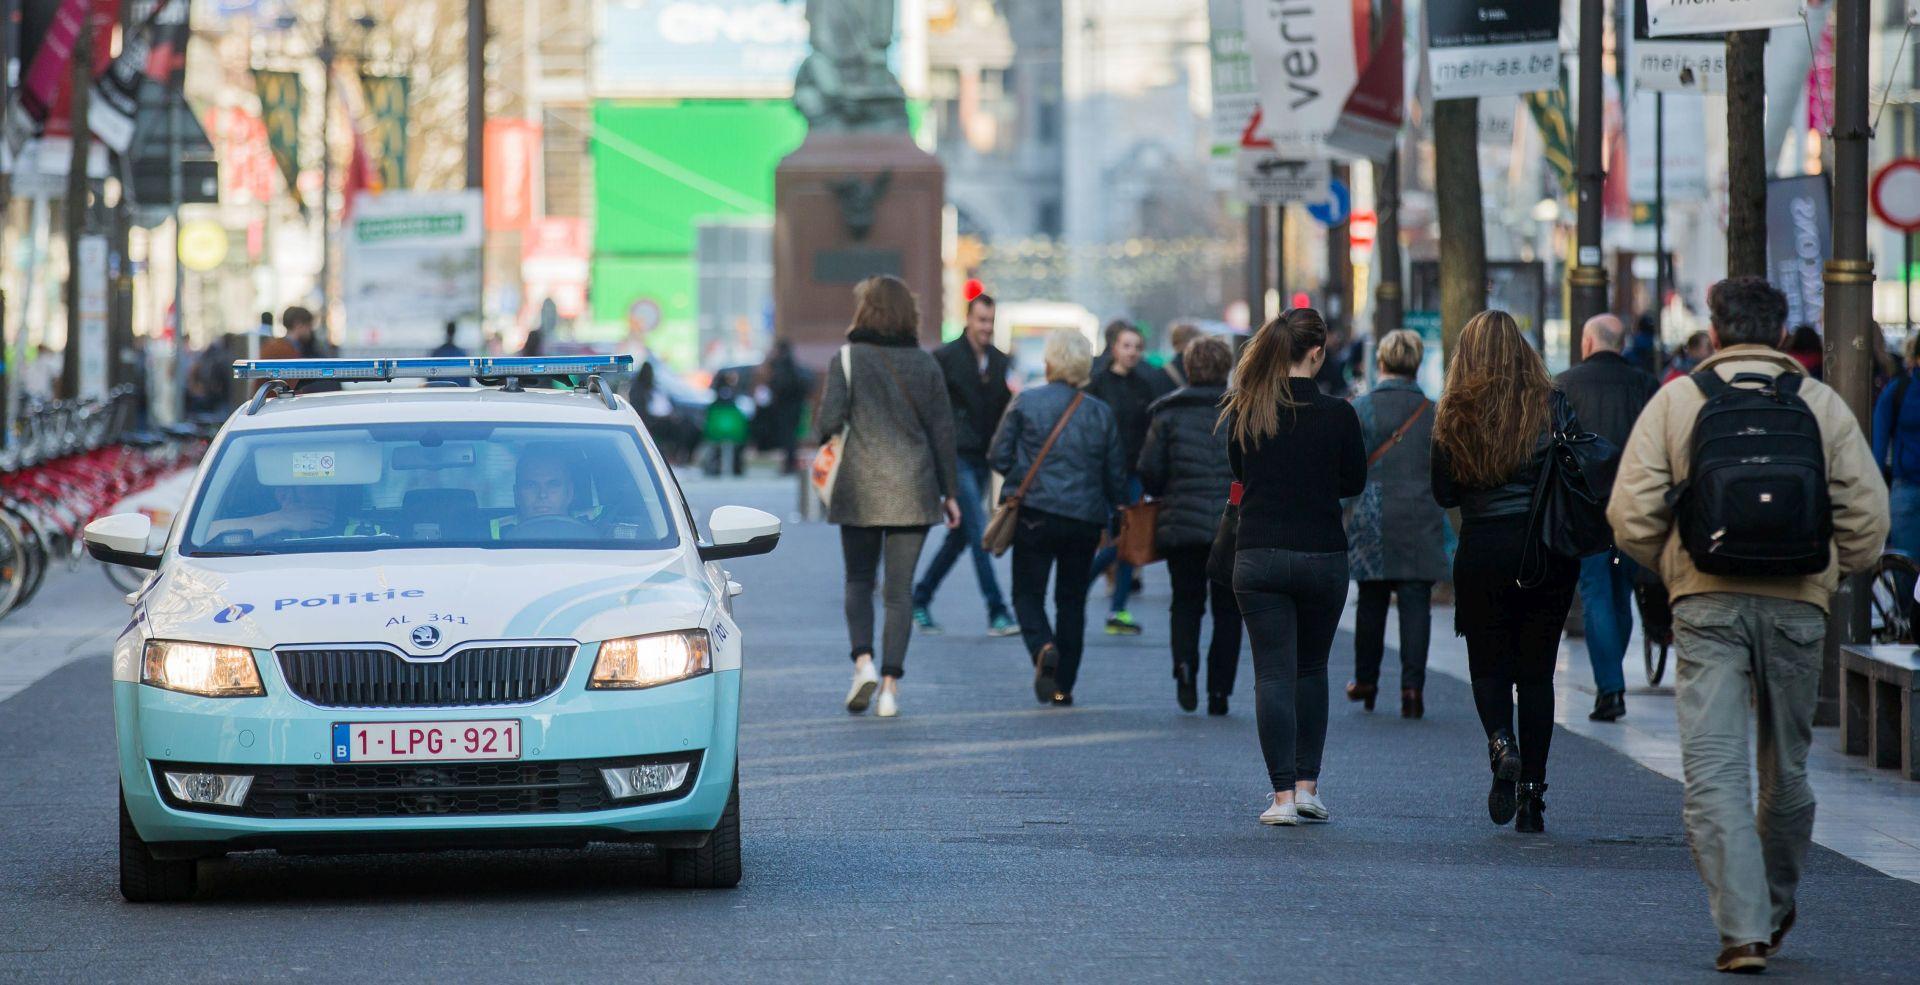 Vozačima u Belgiji kazne ako koriste aplikacije za navigaciju